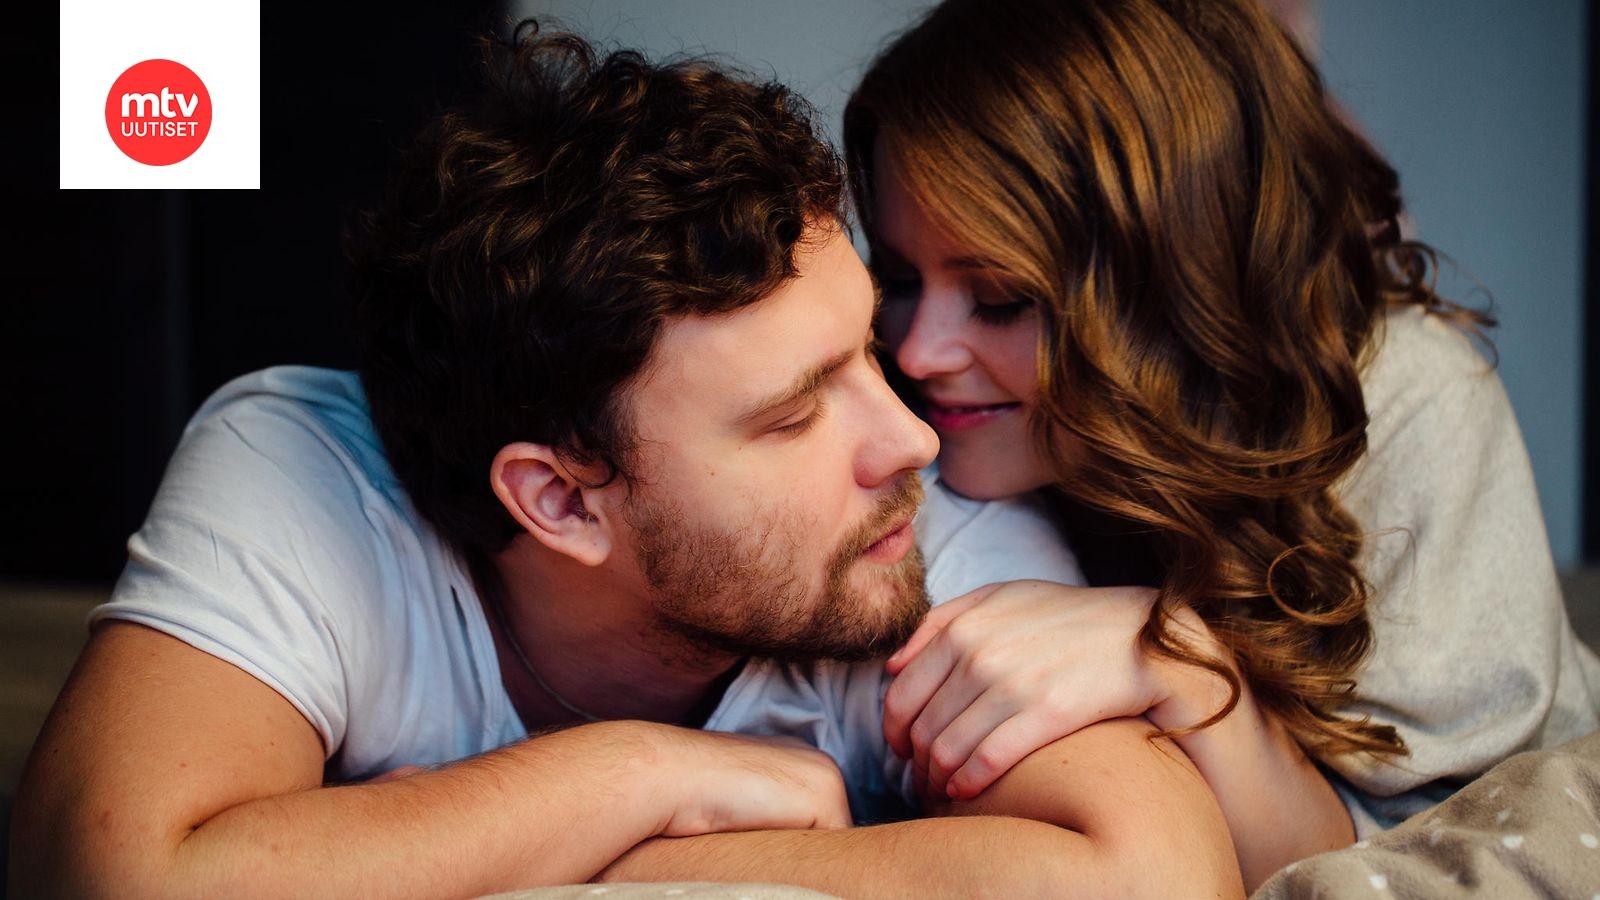 dating site ensimmäinen päivä vinkkejä